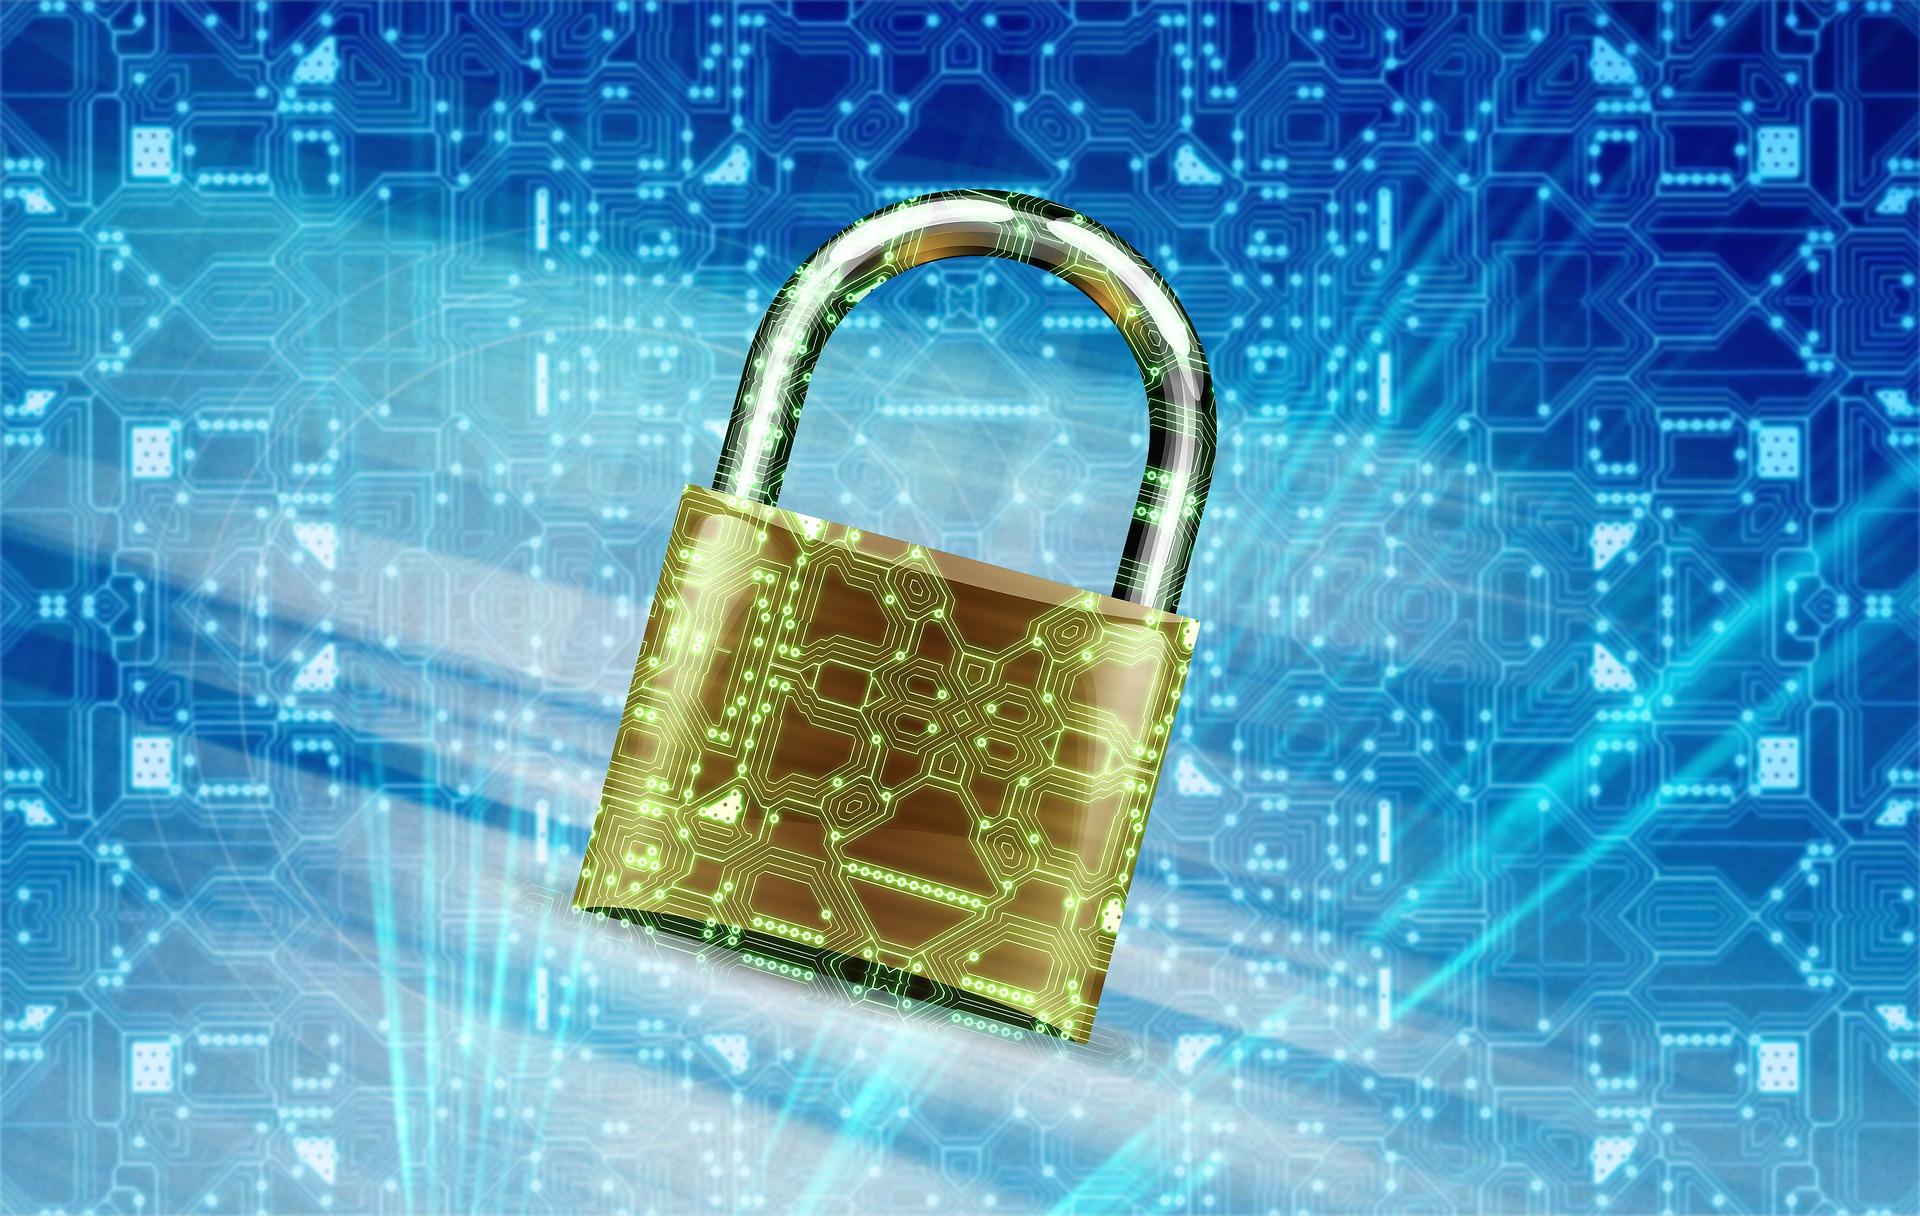 Le Service Certicode Plus - Comment cela Fonctionne avec l'Application de la Banque Postale ?